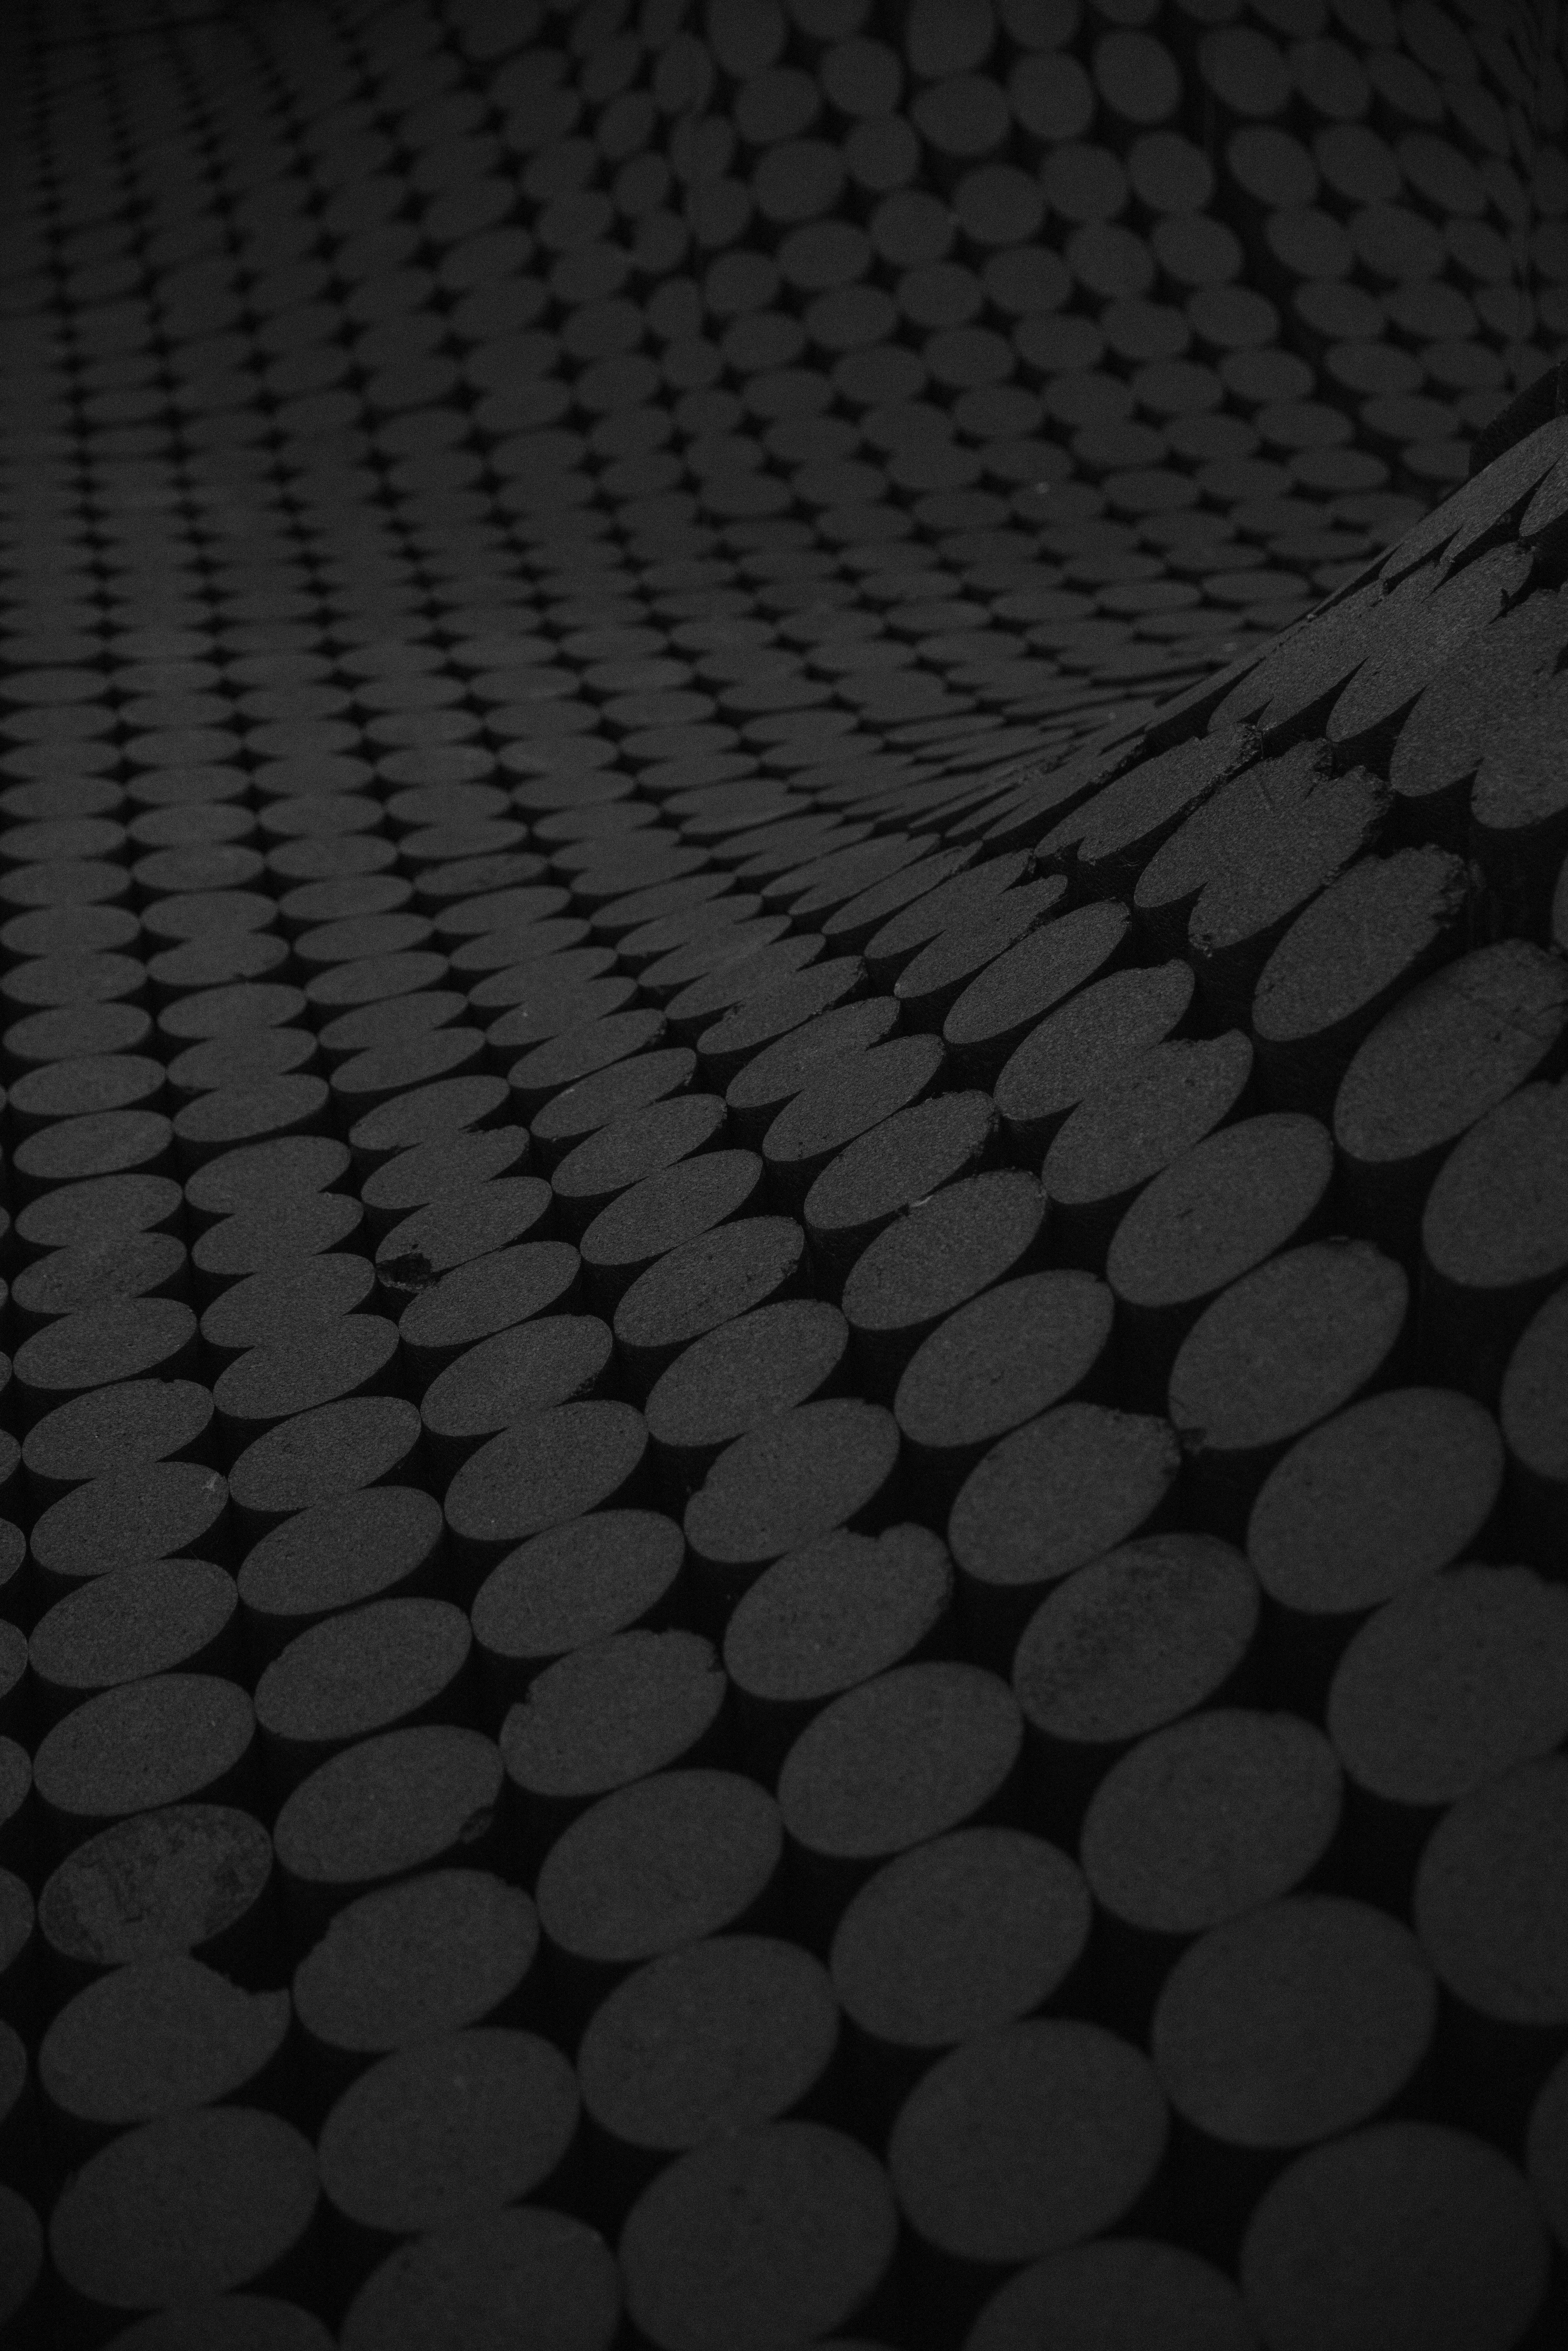 113455 télécharger le fond d'écran Textures, Texture, Cercles, Surface, Le Noir, Ondulé - économiseurs d'écran et images gratuitement